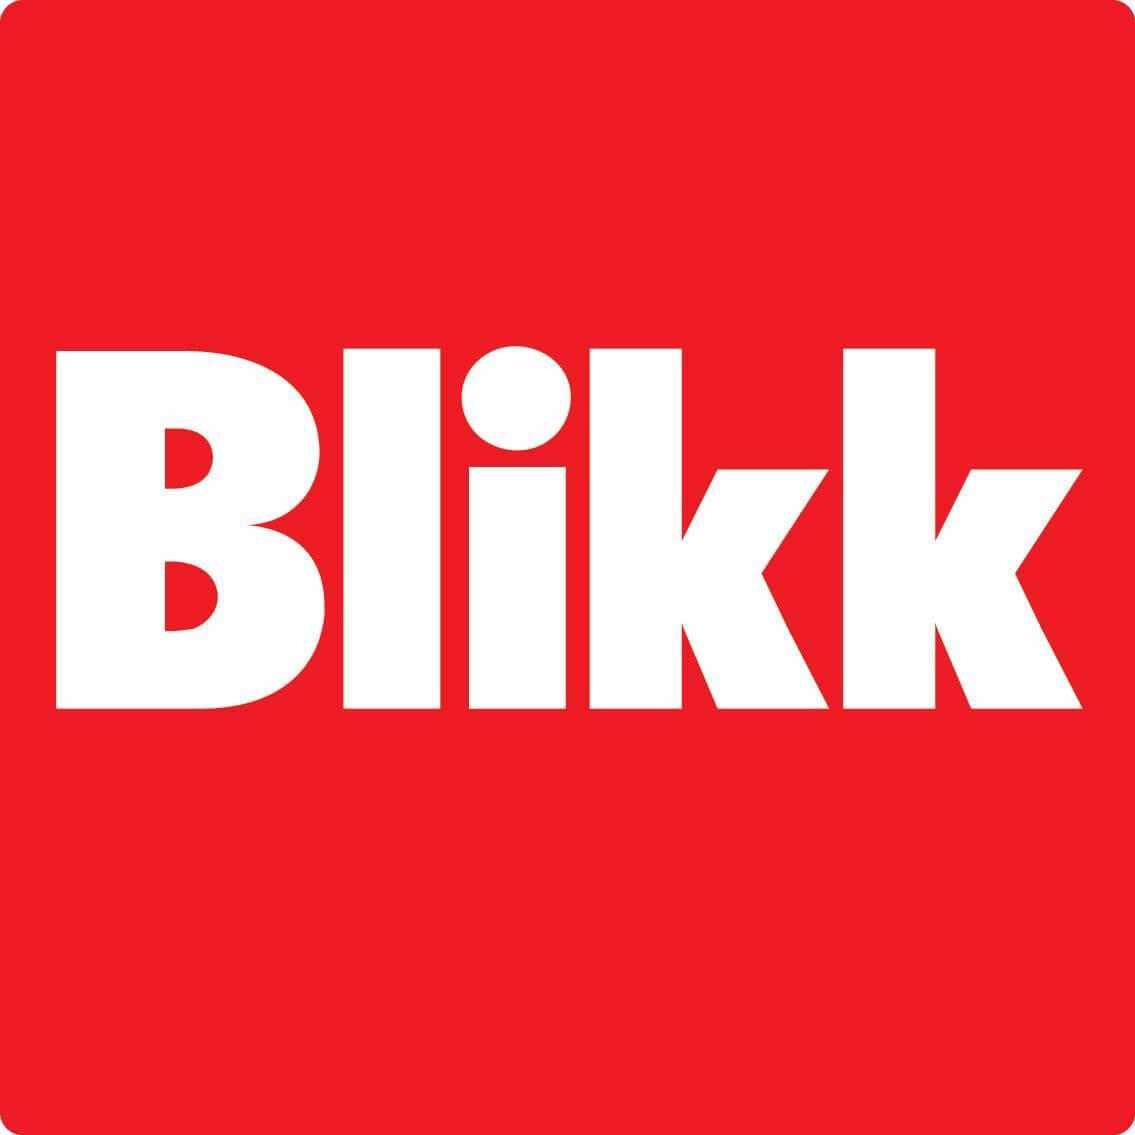 Blikk